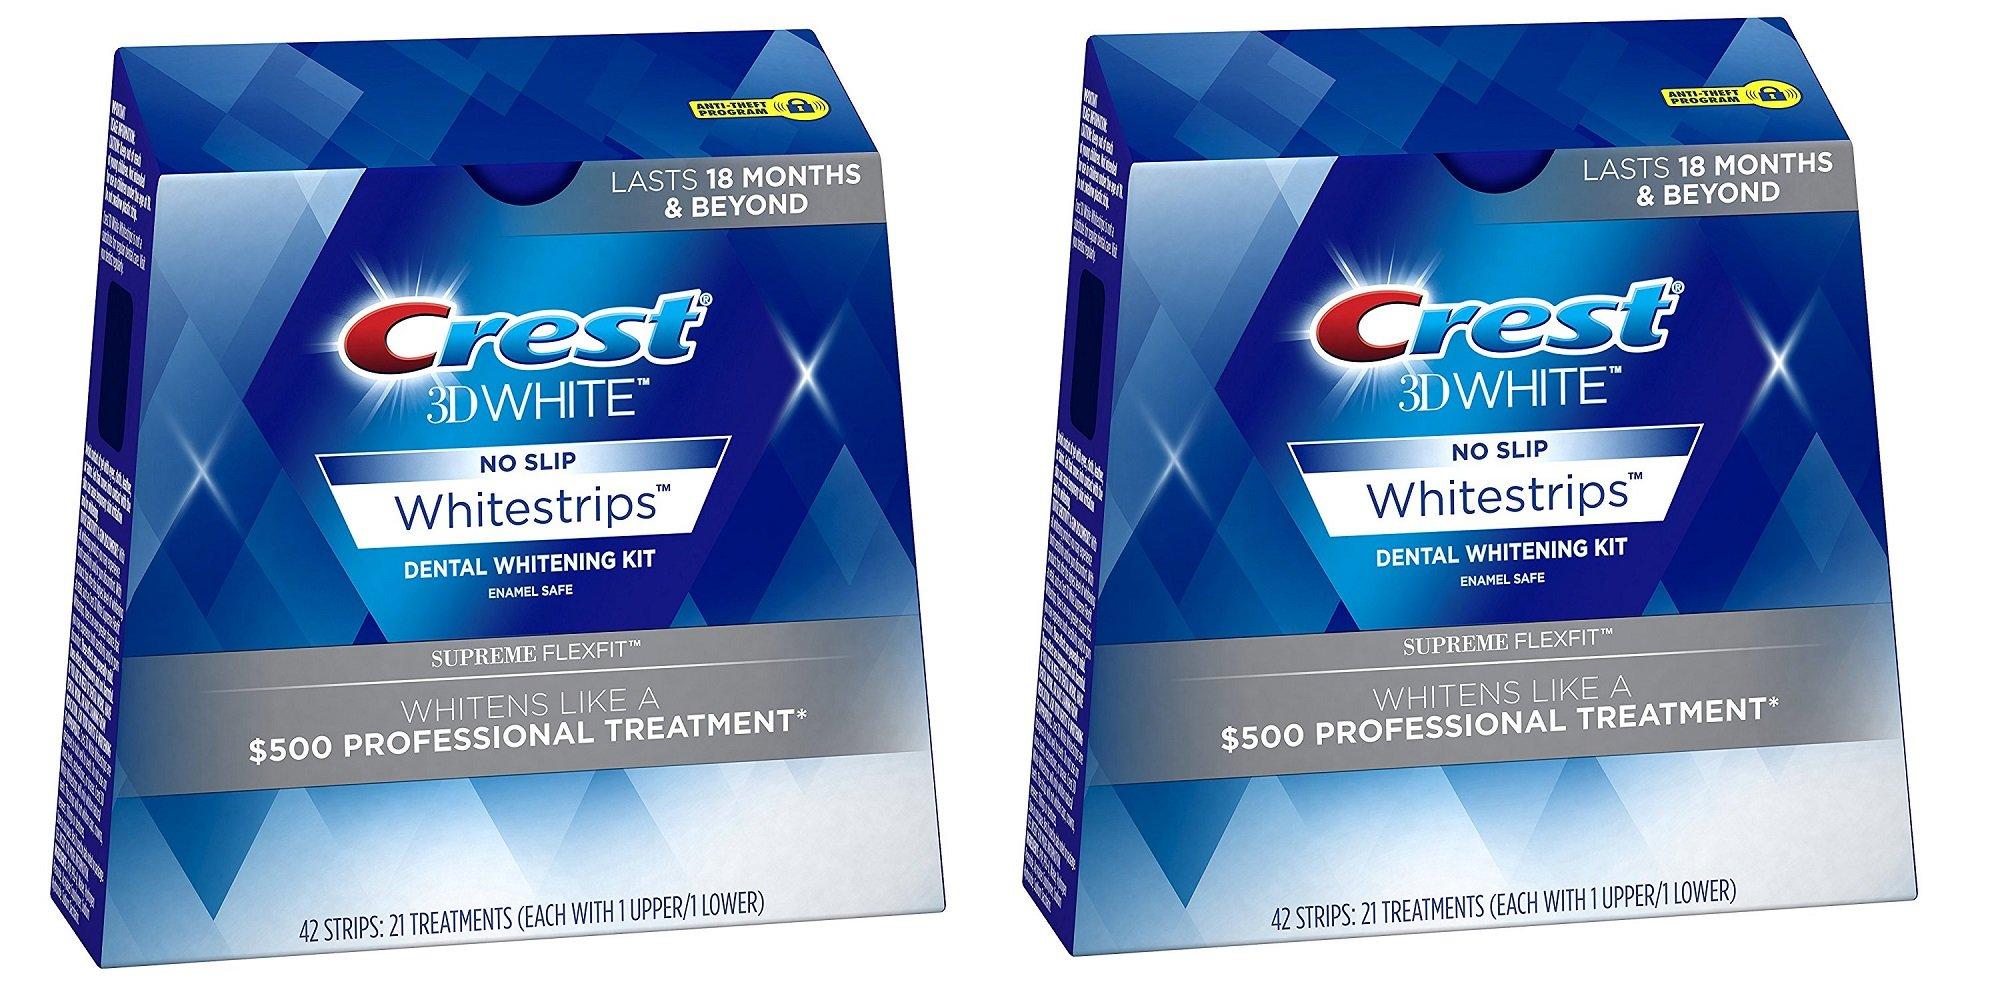 Crest Supreme Whitestrips Whitening Treatments